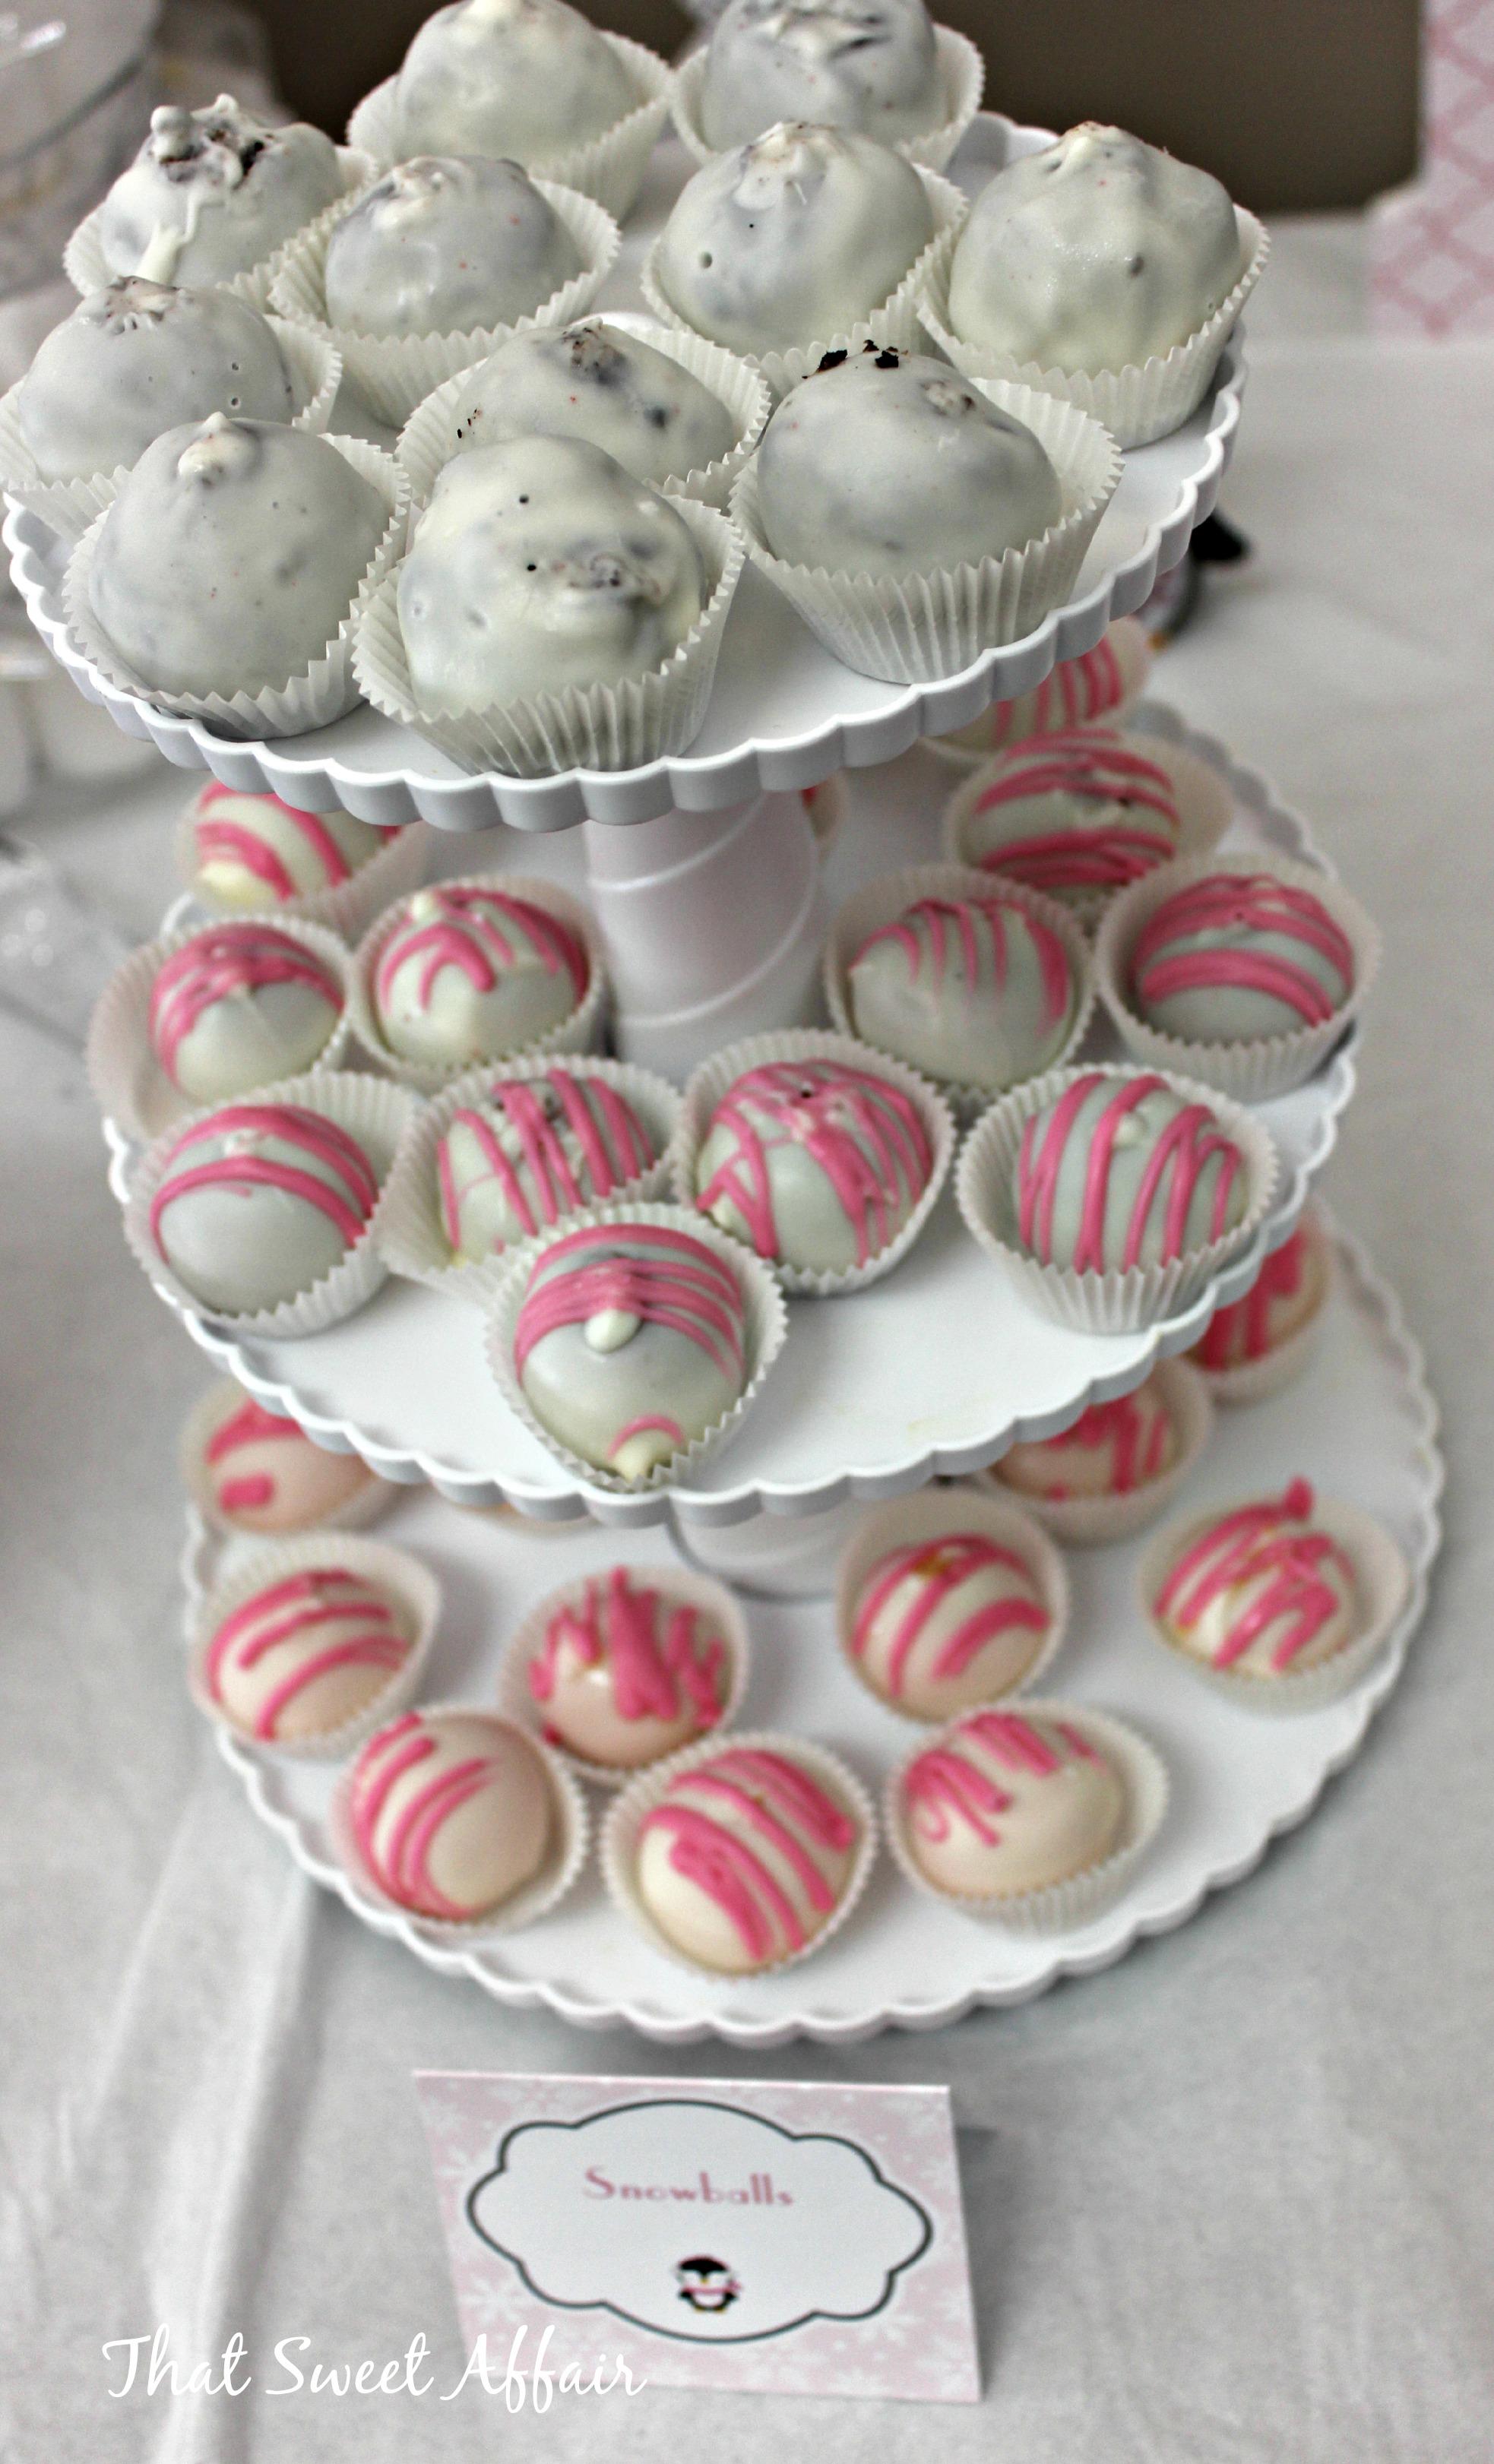 Wishes For Baby Red Velvet Cake Balls ...